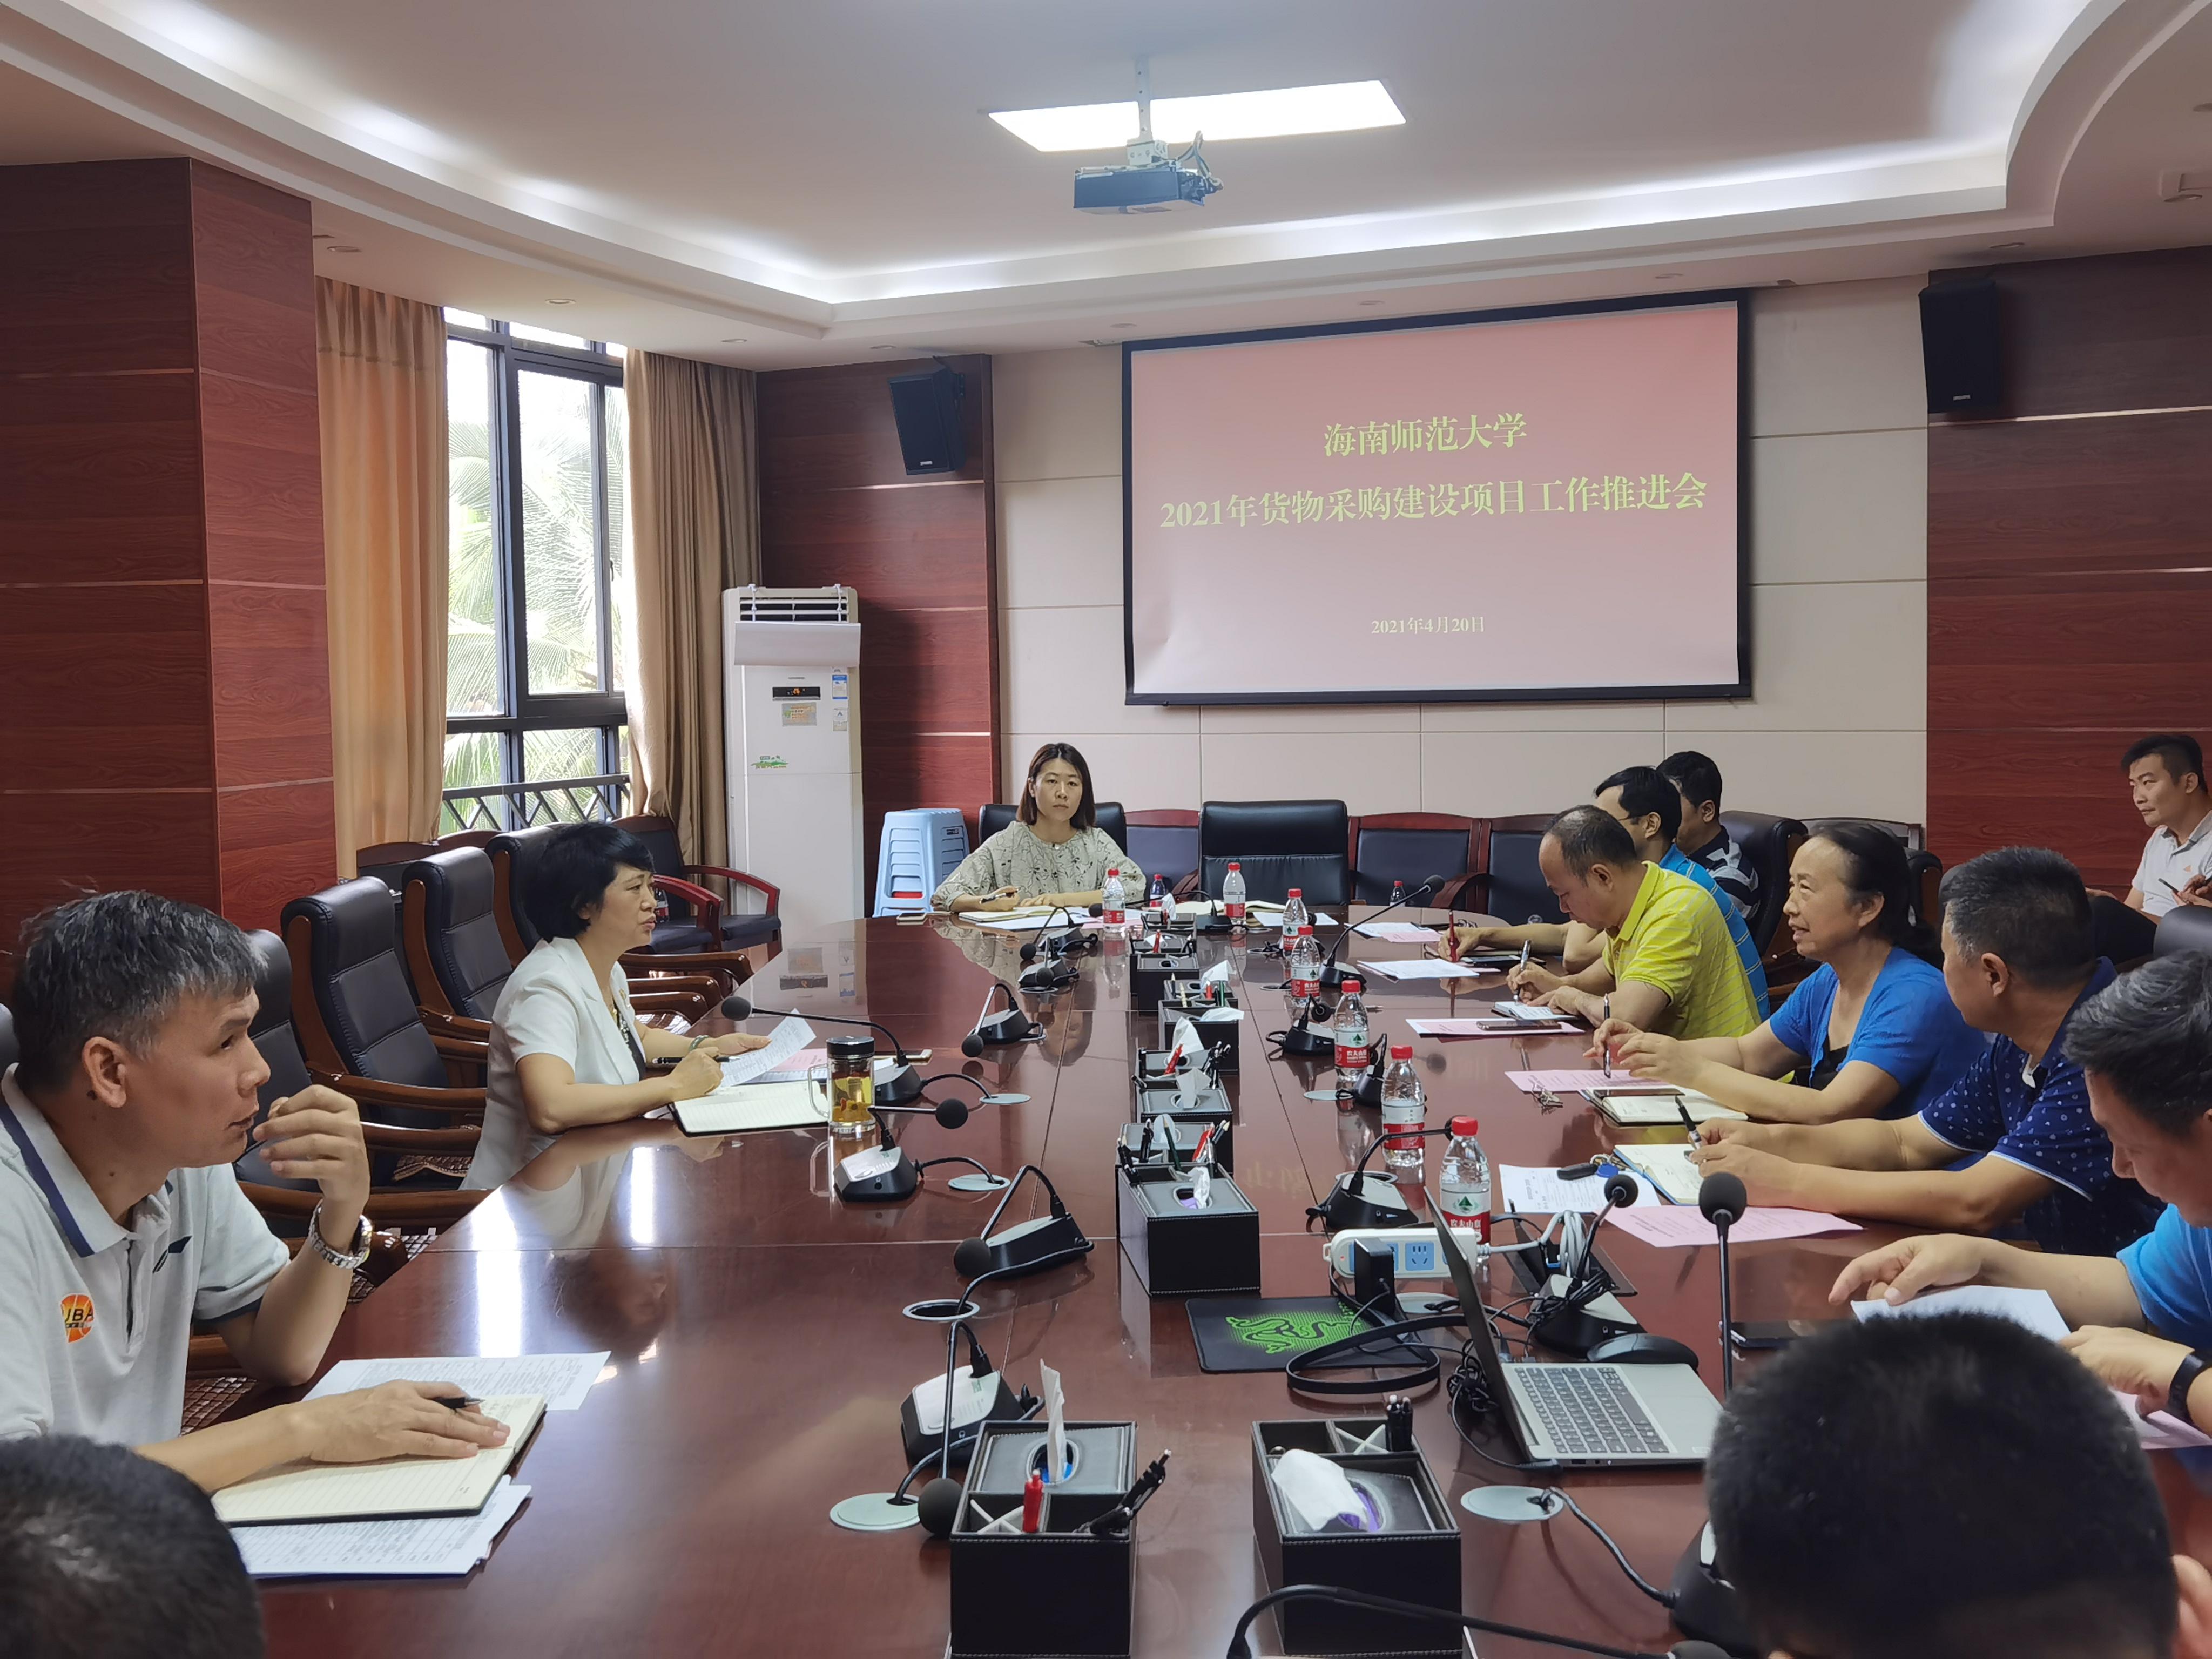 校领导主持召开2021年货物采购项目建设工作推进会议